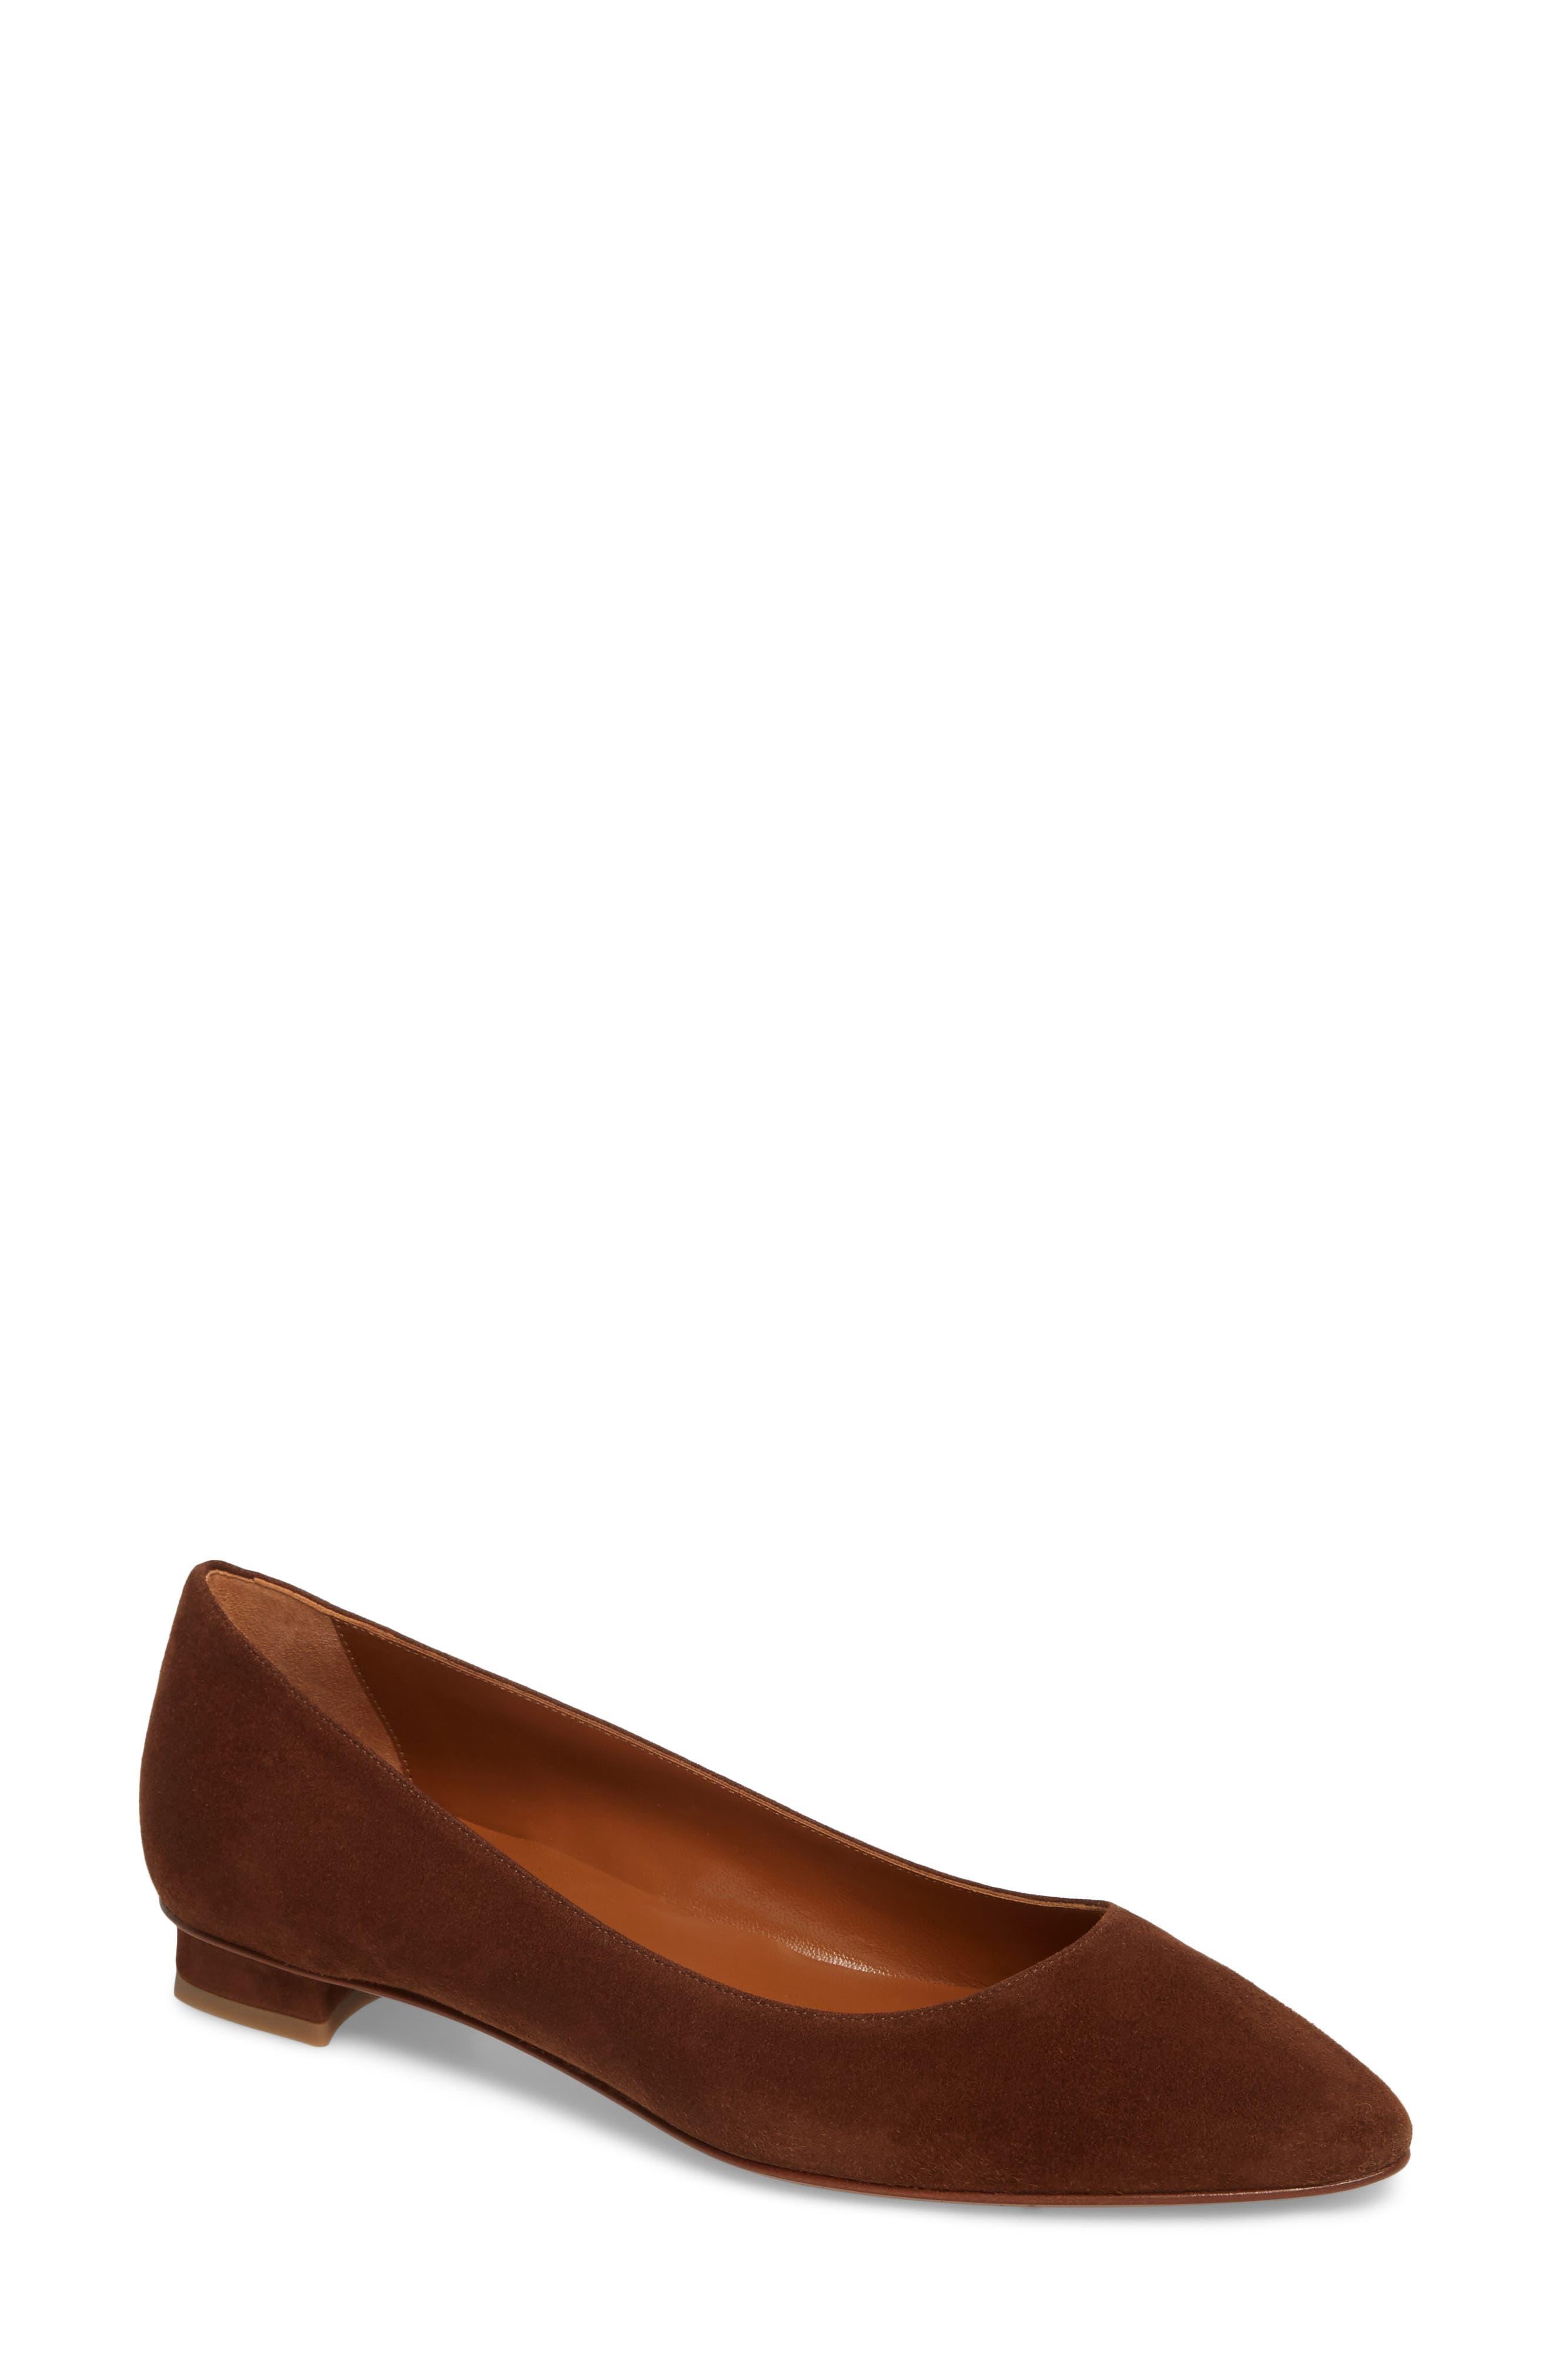 Main Image - Aquatalia Perla Weatherproof Ballerina Shoe (Women)